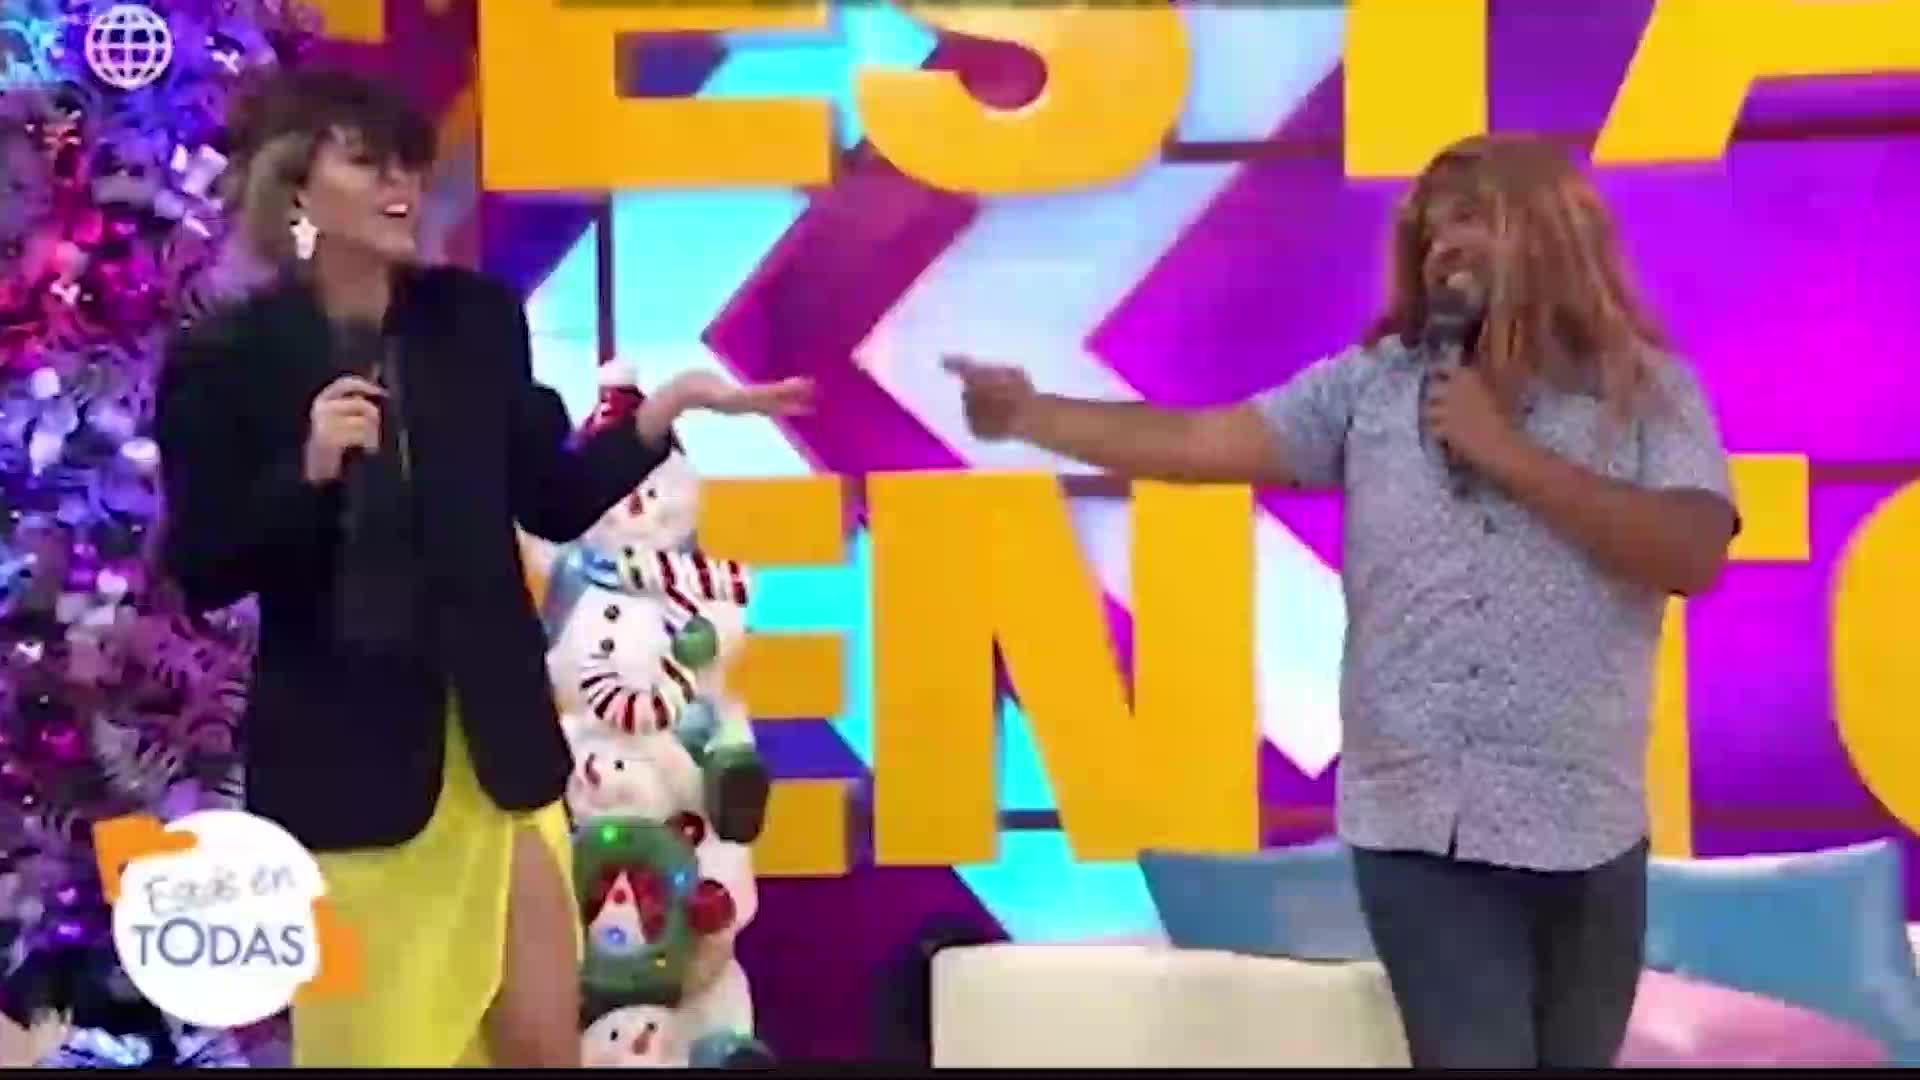 EET: mira aquí el duelo de actuación entre Sheyla Rojas y Choca Mandros